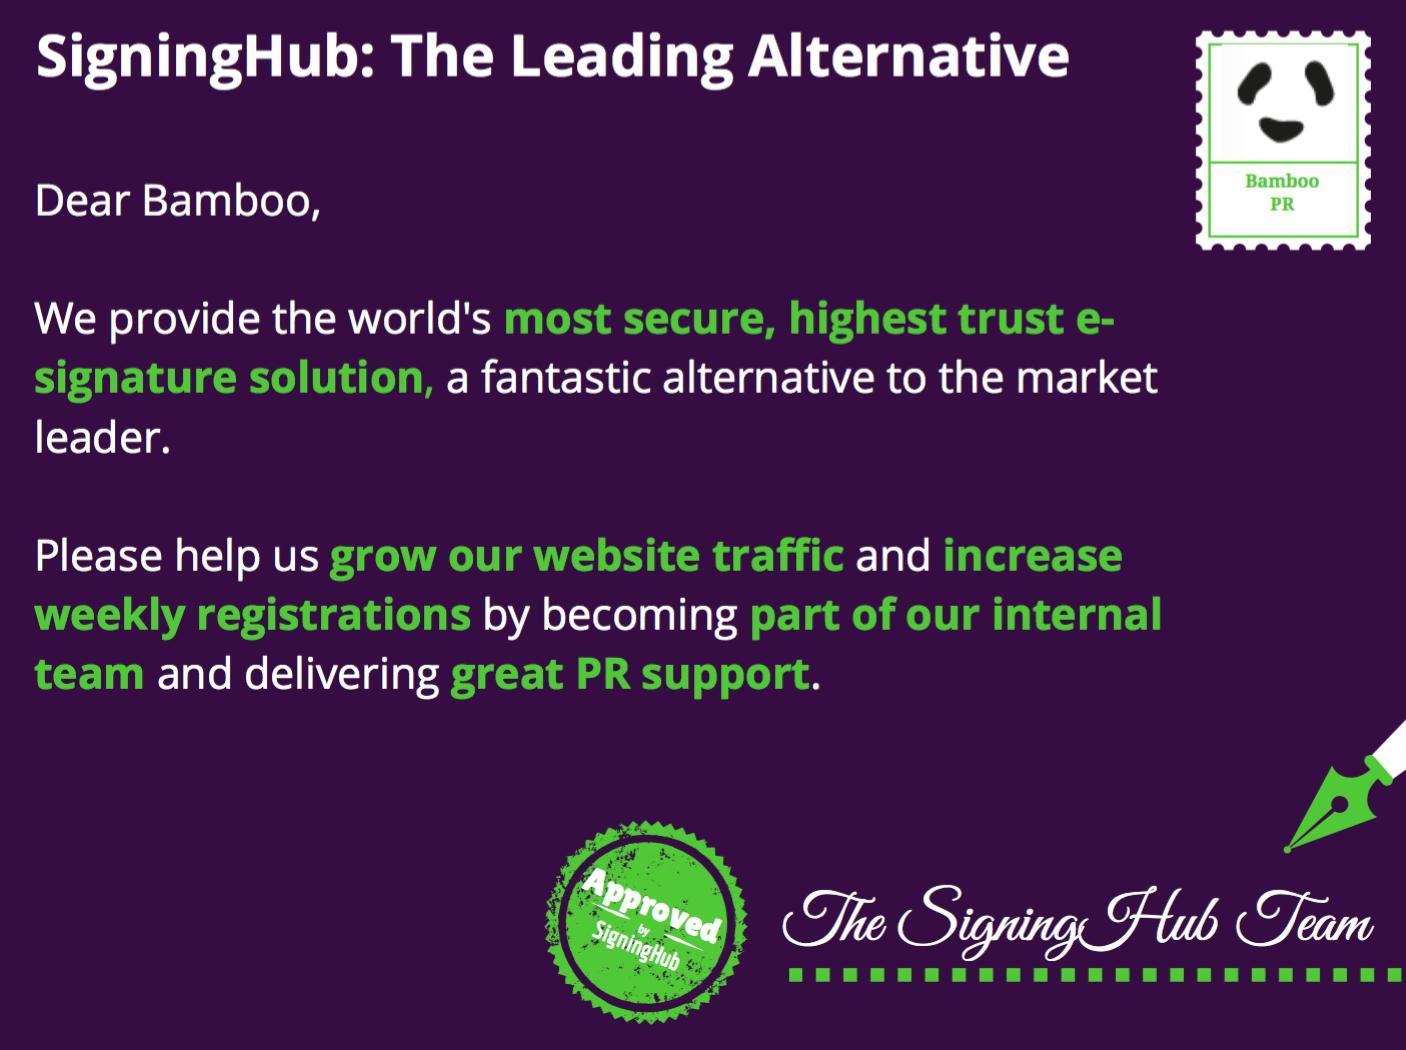 SigningHub Showcase Image